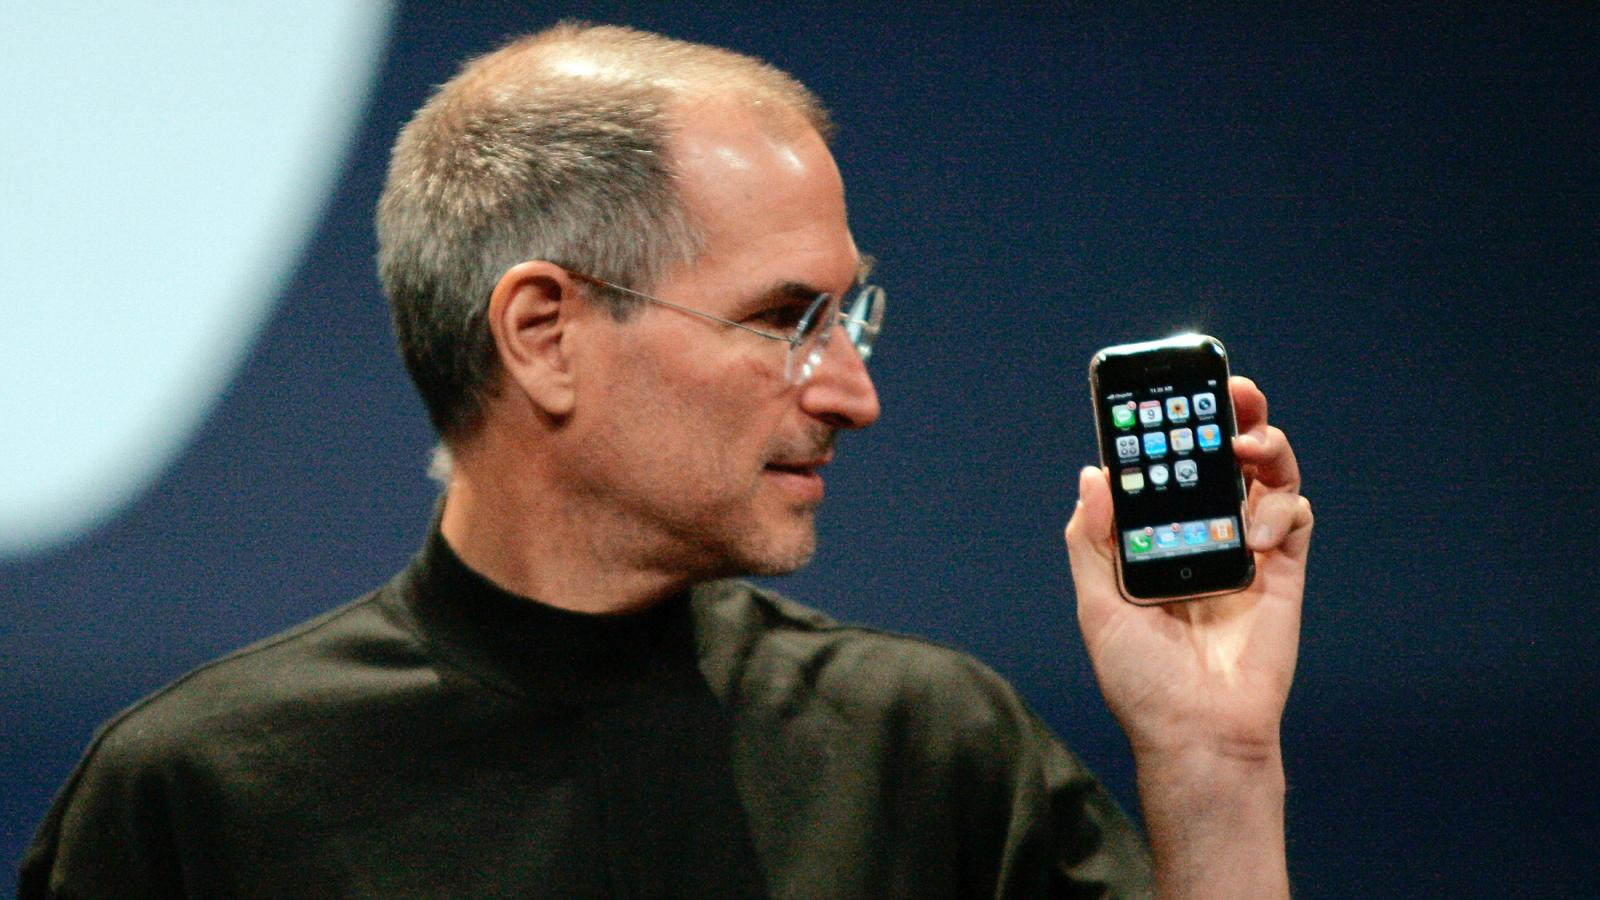 الآيفون الأول.. قصة جهاز غيّر صناعة الهواتف الذكية